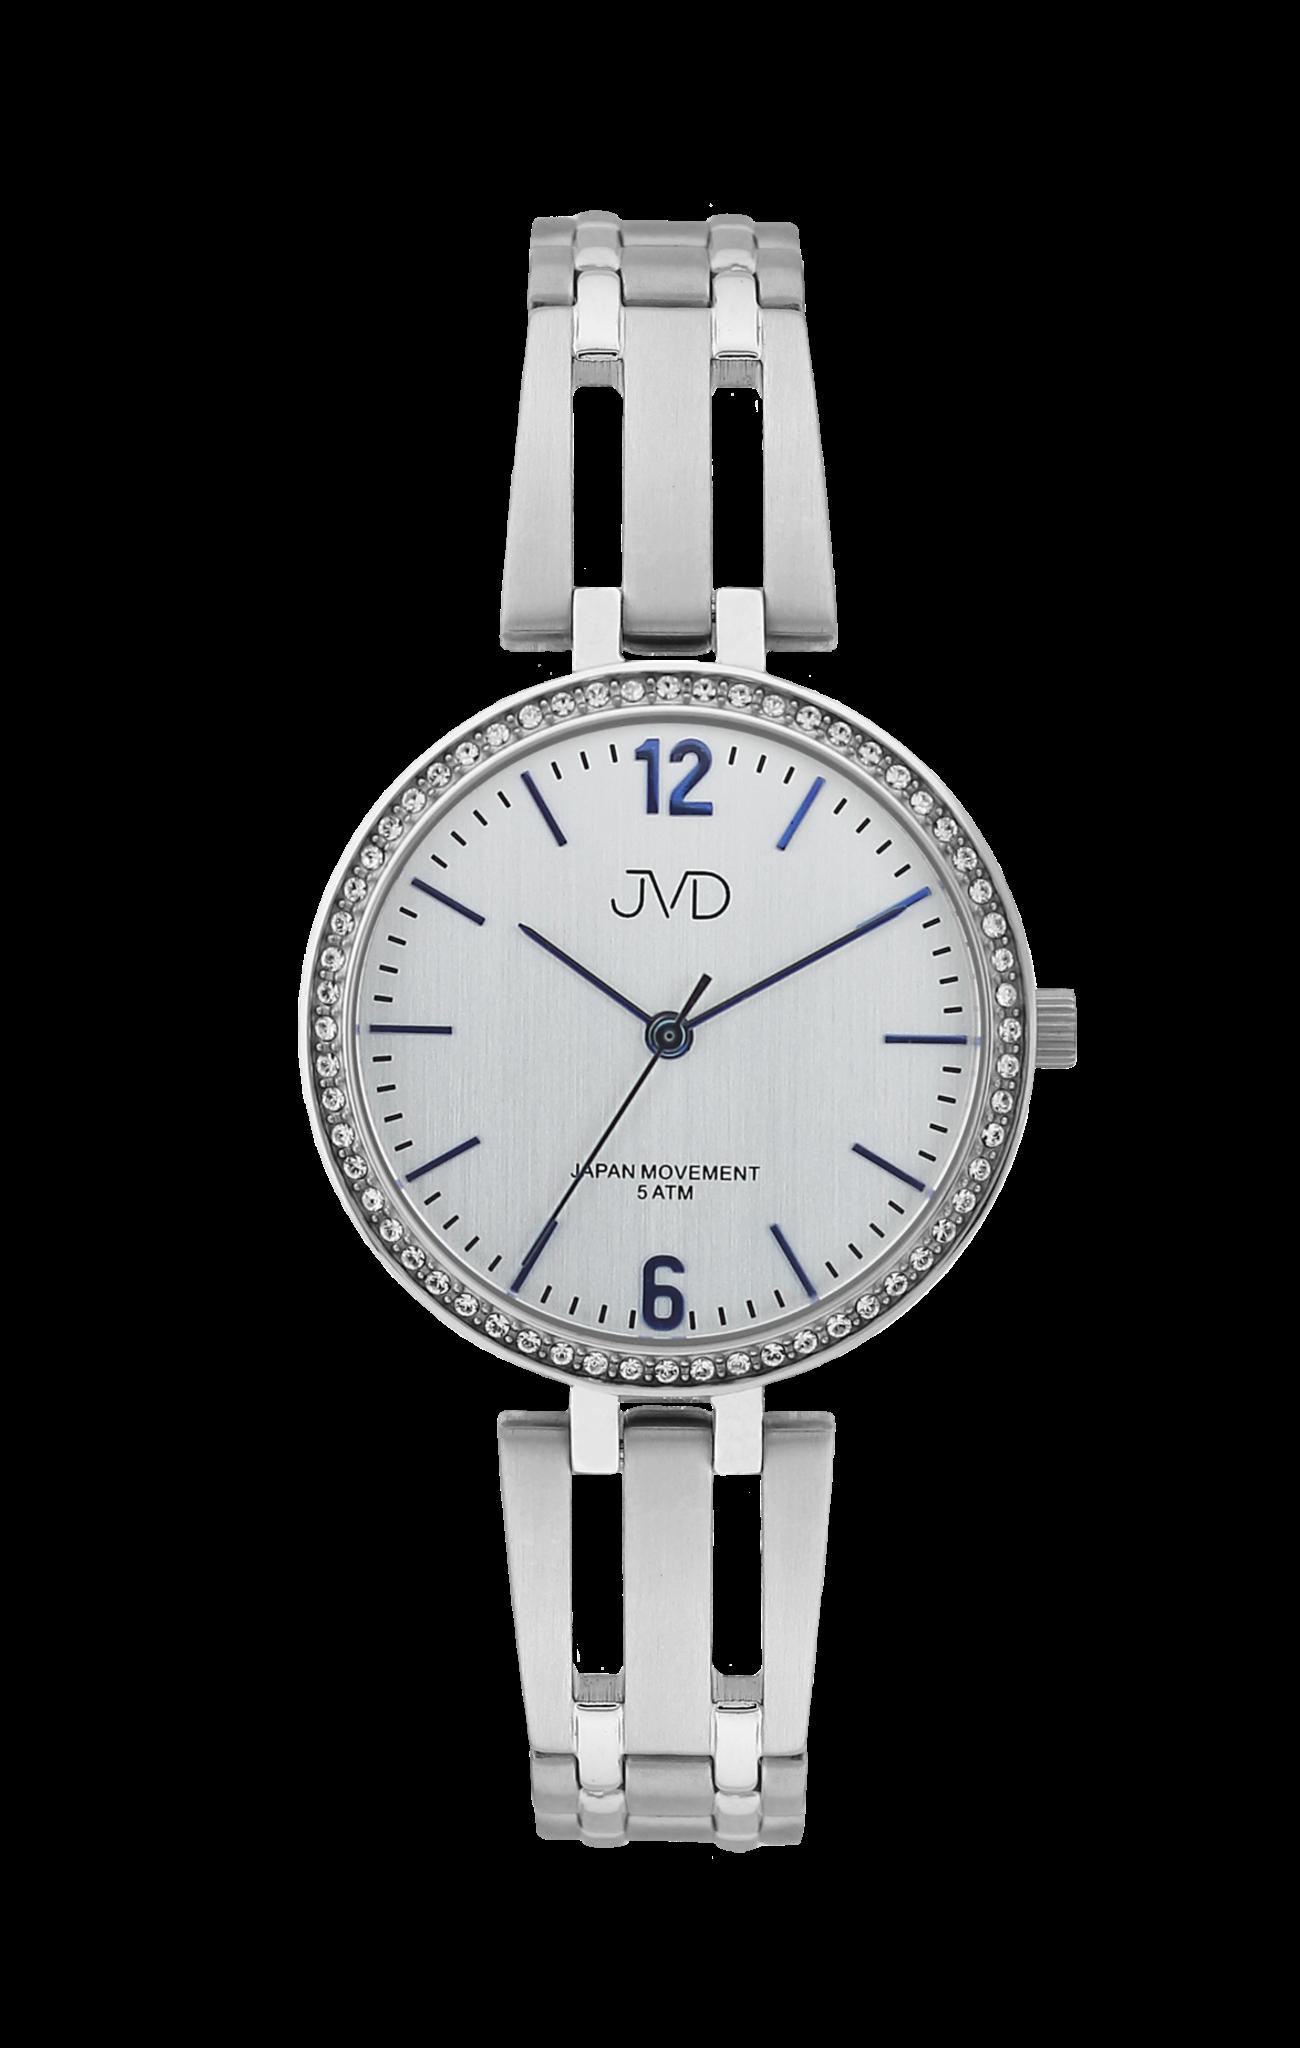 Dámské ocelové voděodolné náramkové hodinky JVD J4166.1 76d26b71d16